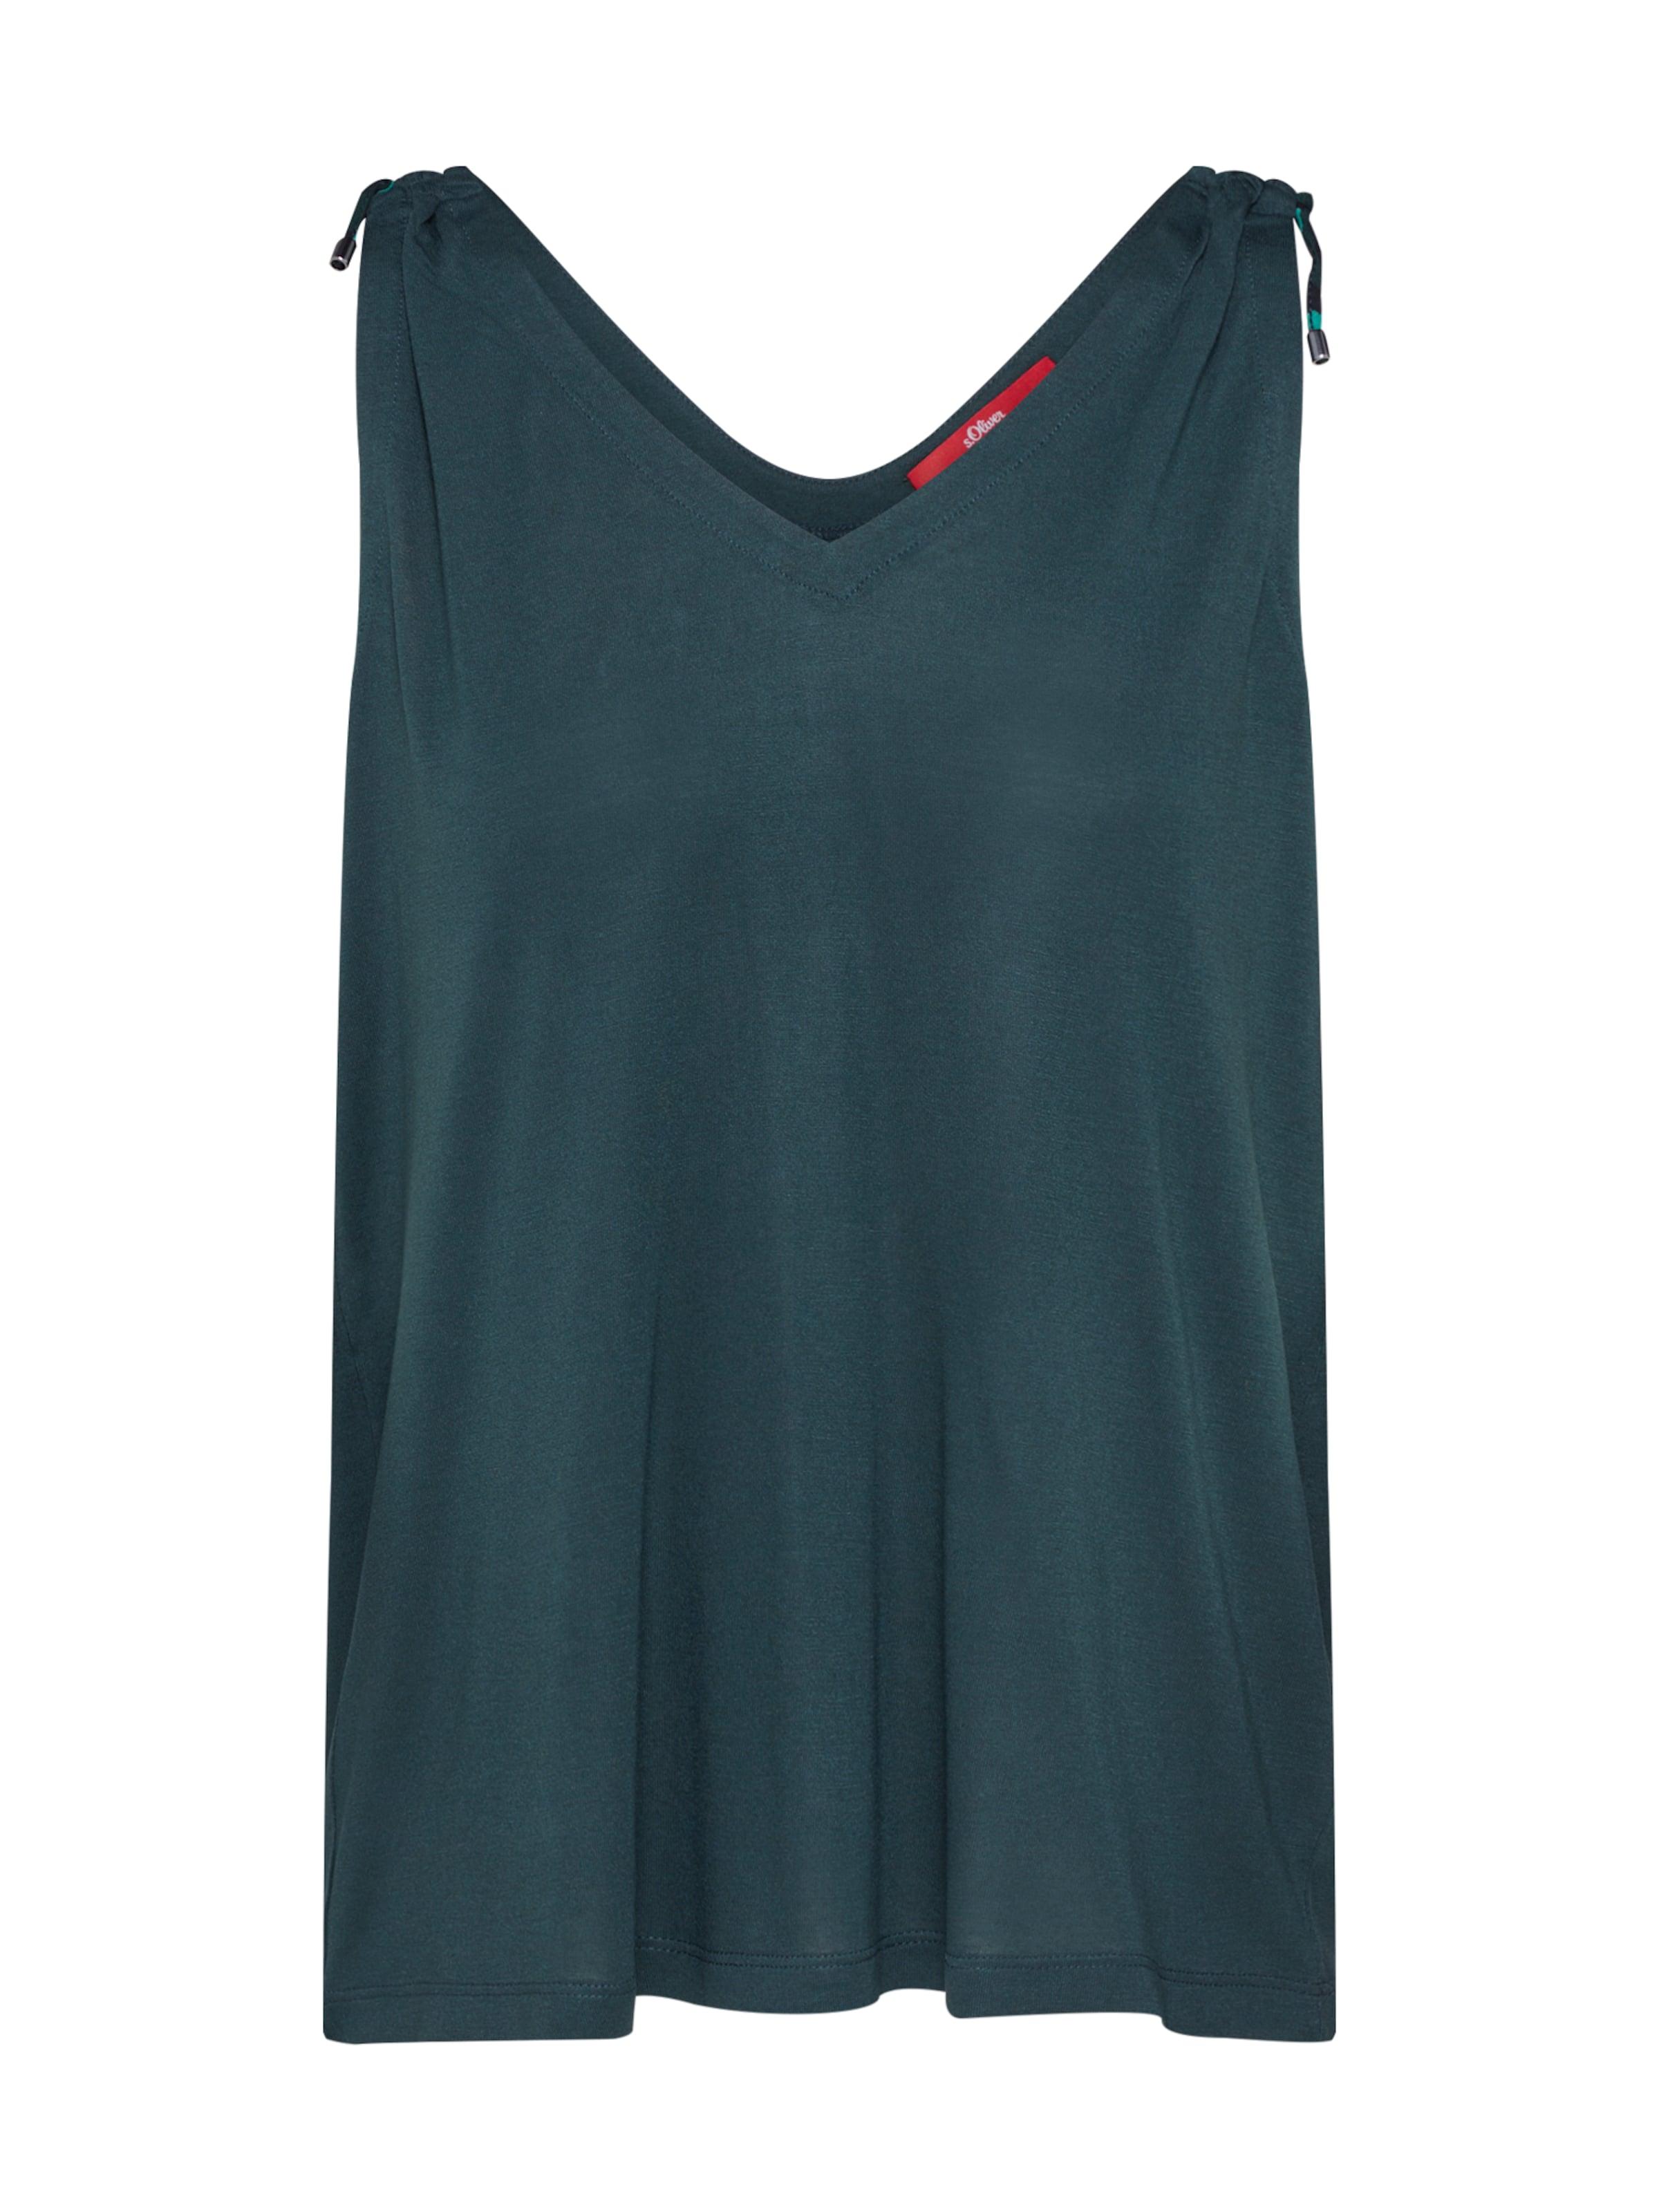 Smaragd oliver Top S S oliver oliver Top Smaragd In S In KTJl1cF